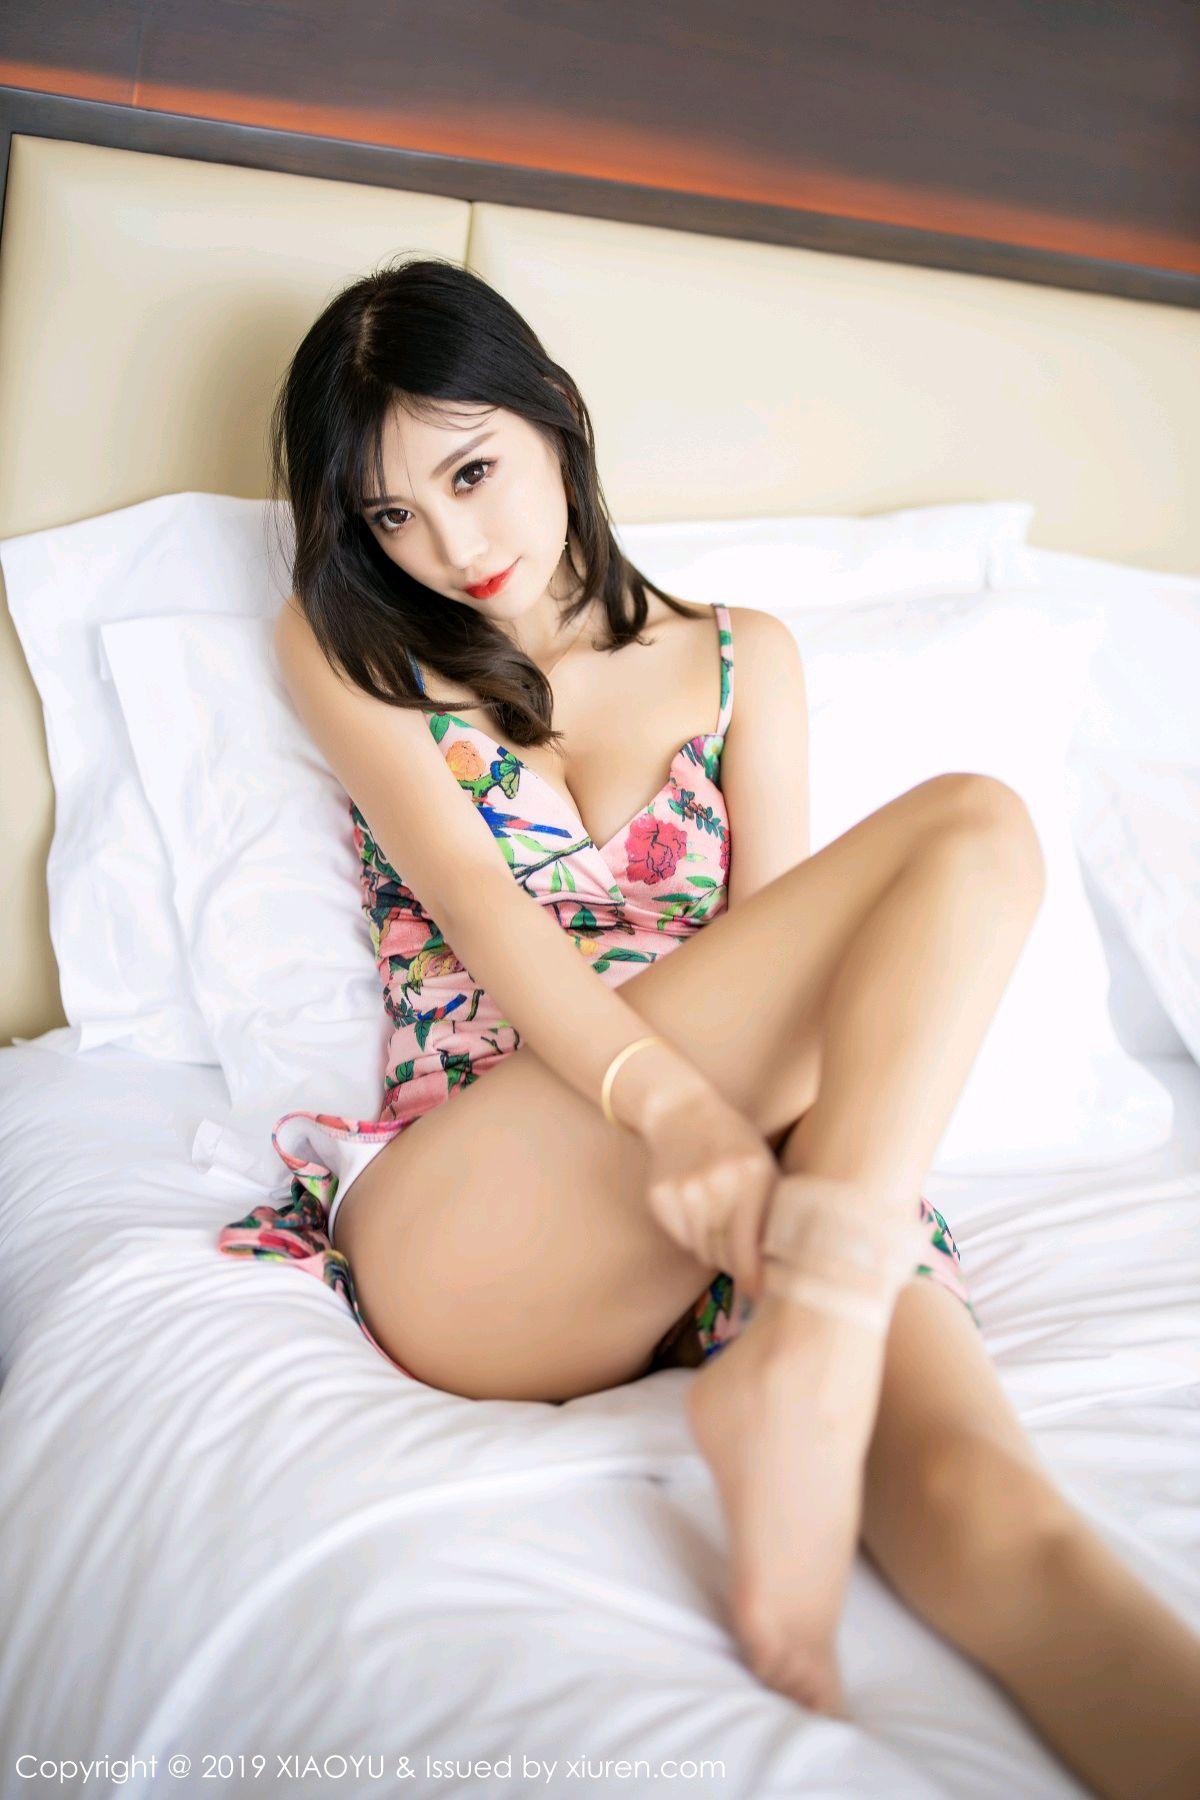 [XiaoYu] Vol.194 Yang Chen Chen 31P, Bikini, XiaoYu, Yang Chen Chen